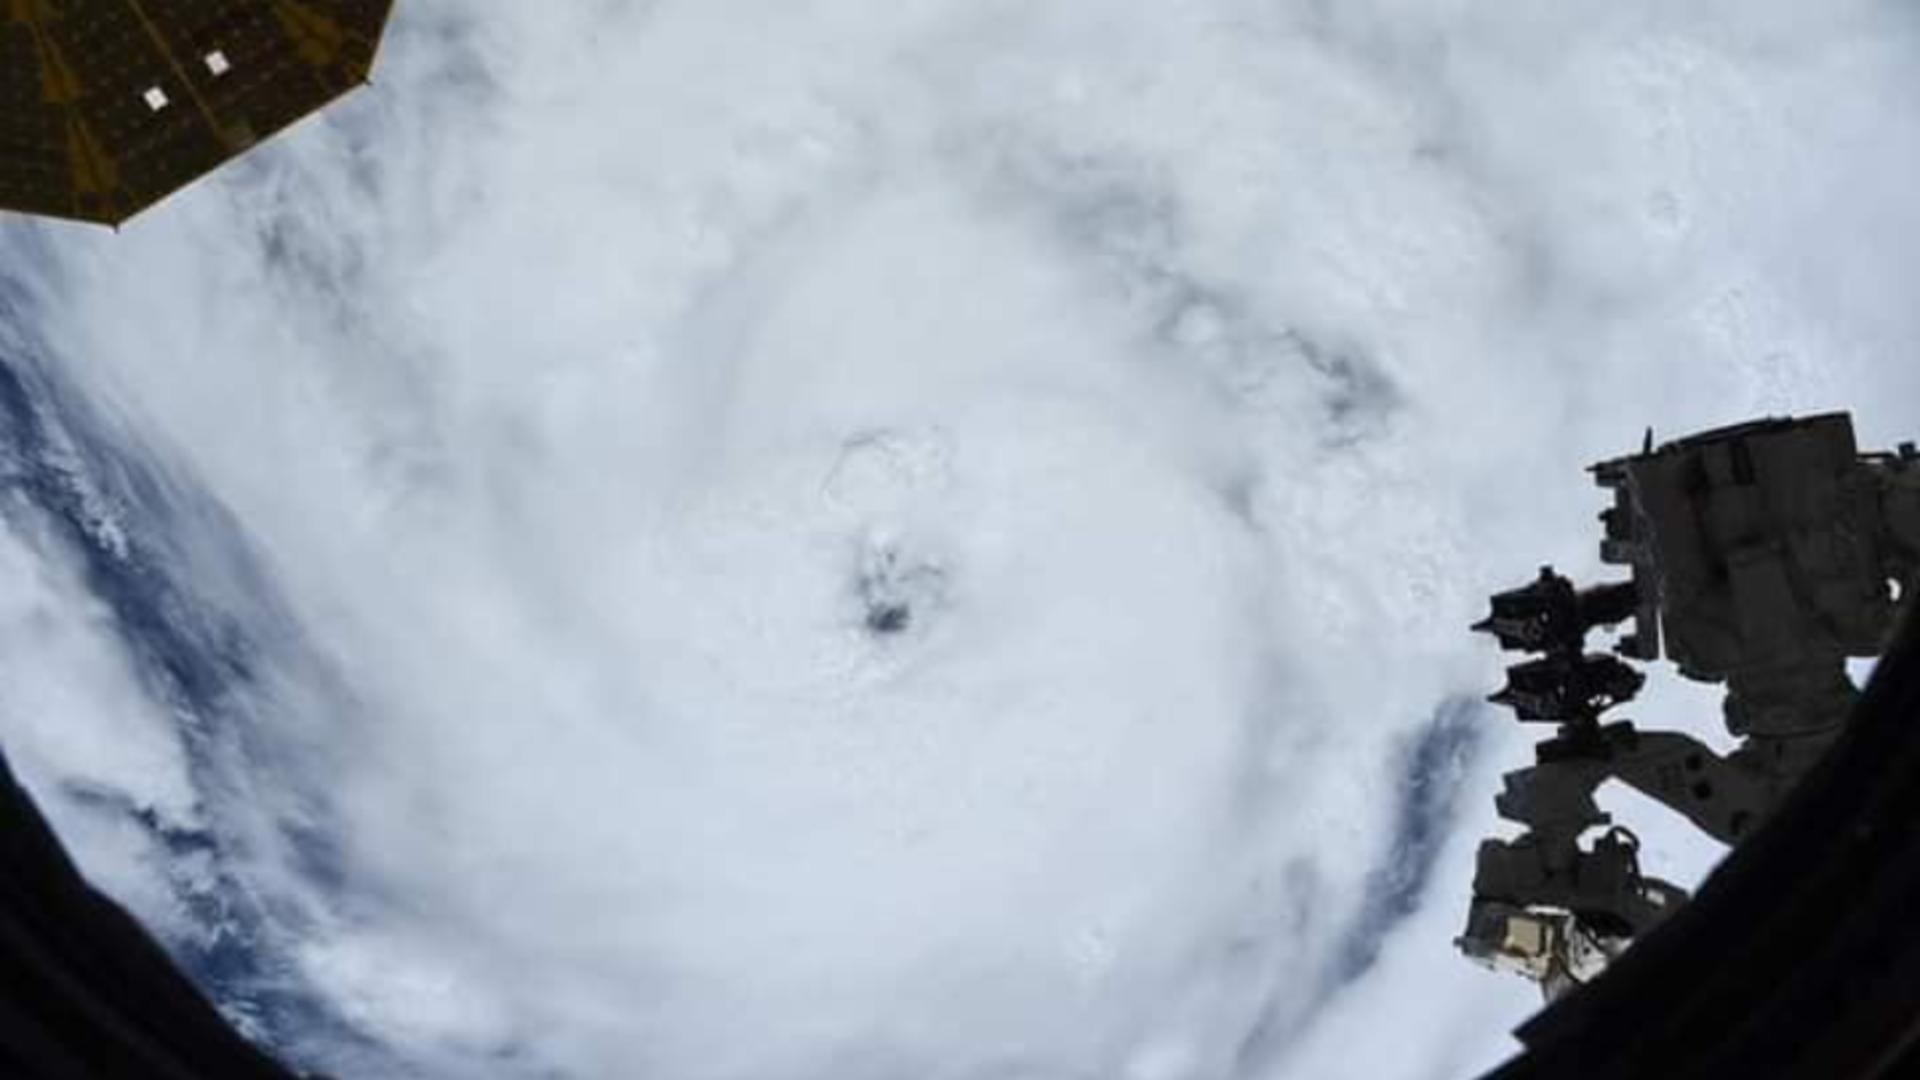 Oamenii fug din calea uraganului Ida sau își fac provizii / Foto: Facebook Mateo Buzau Original